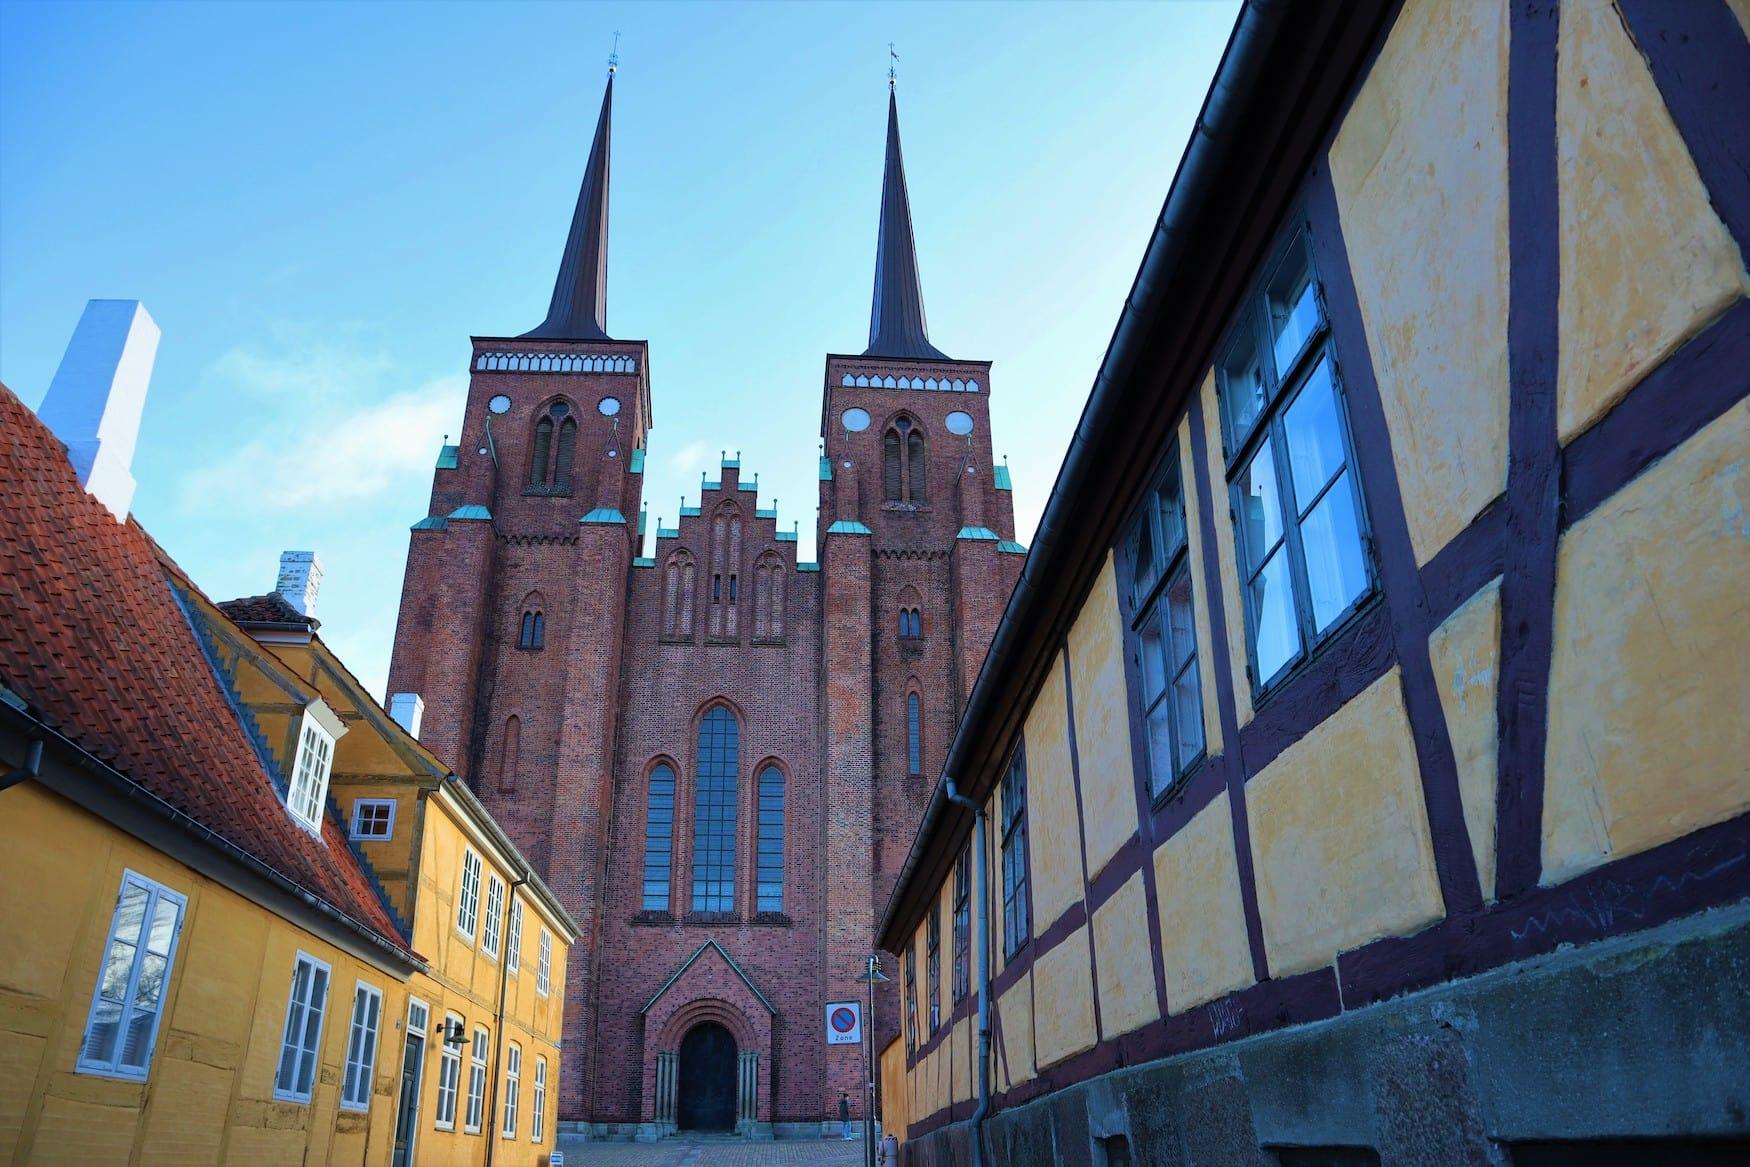 Dom zu Roskilde bei Sonnenschein